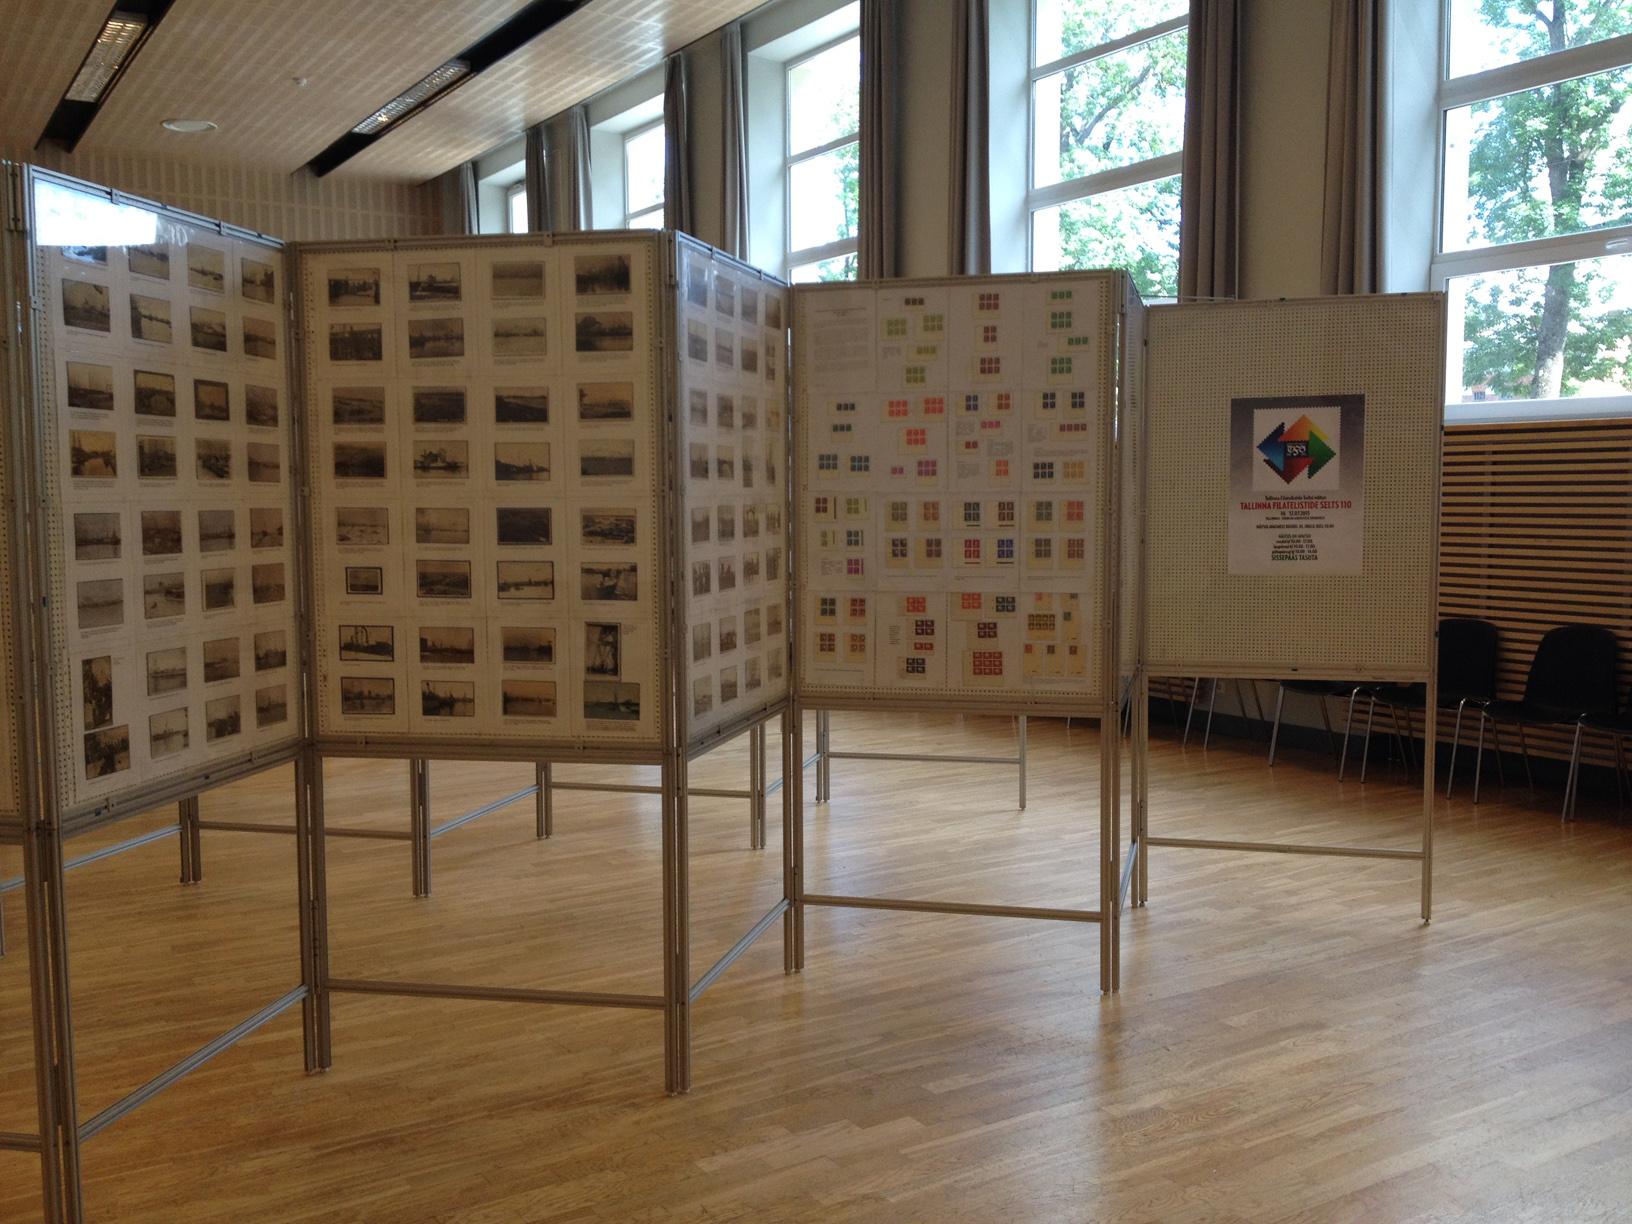 Общий вид выставки «110 лет Таллинскому обществу филателистов»